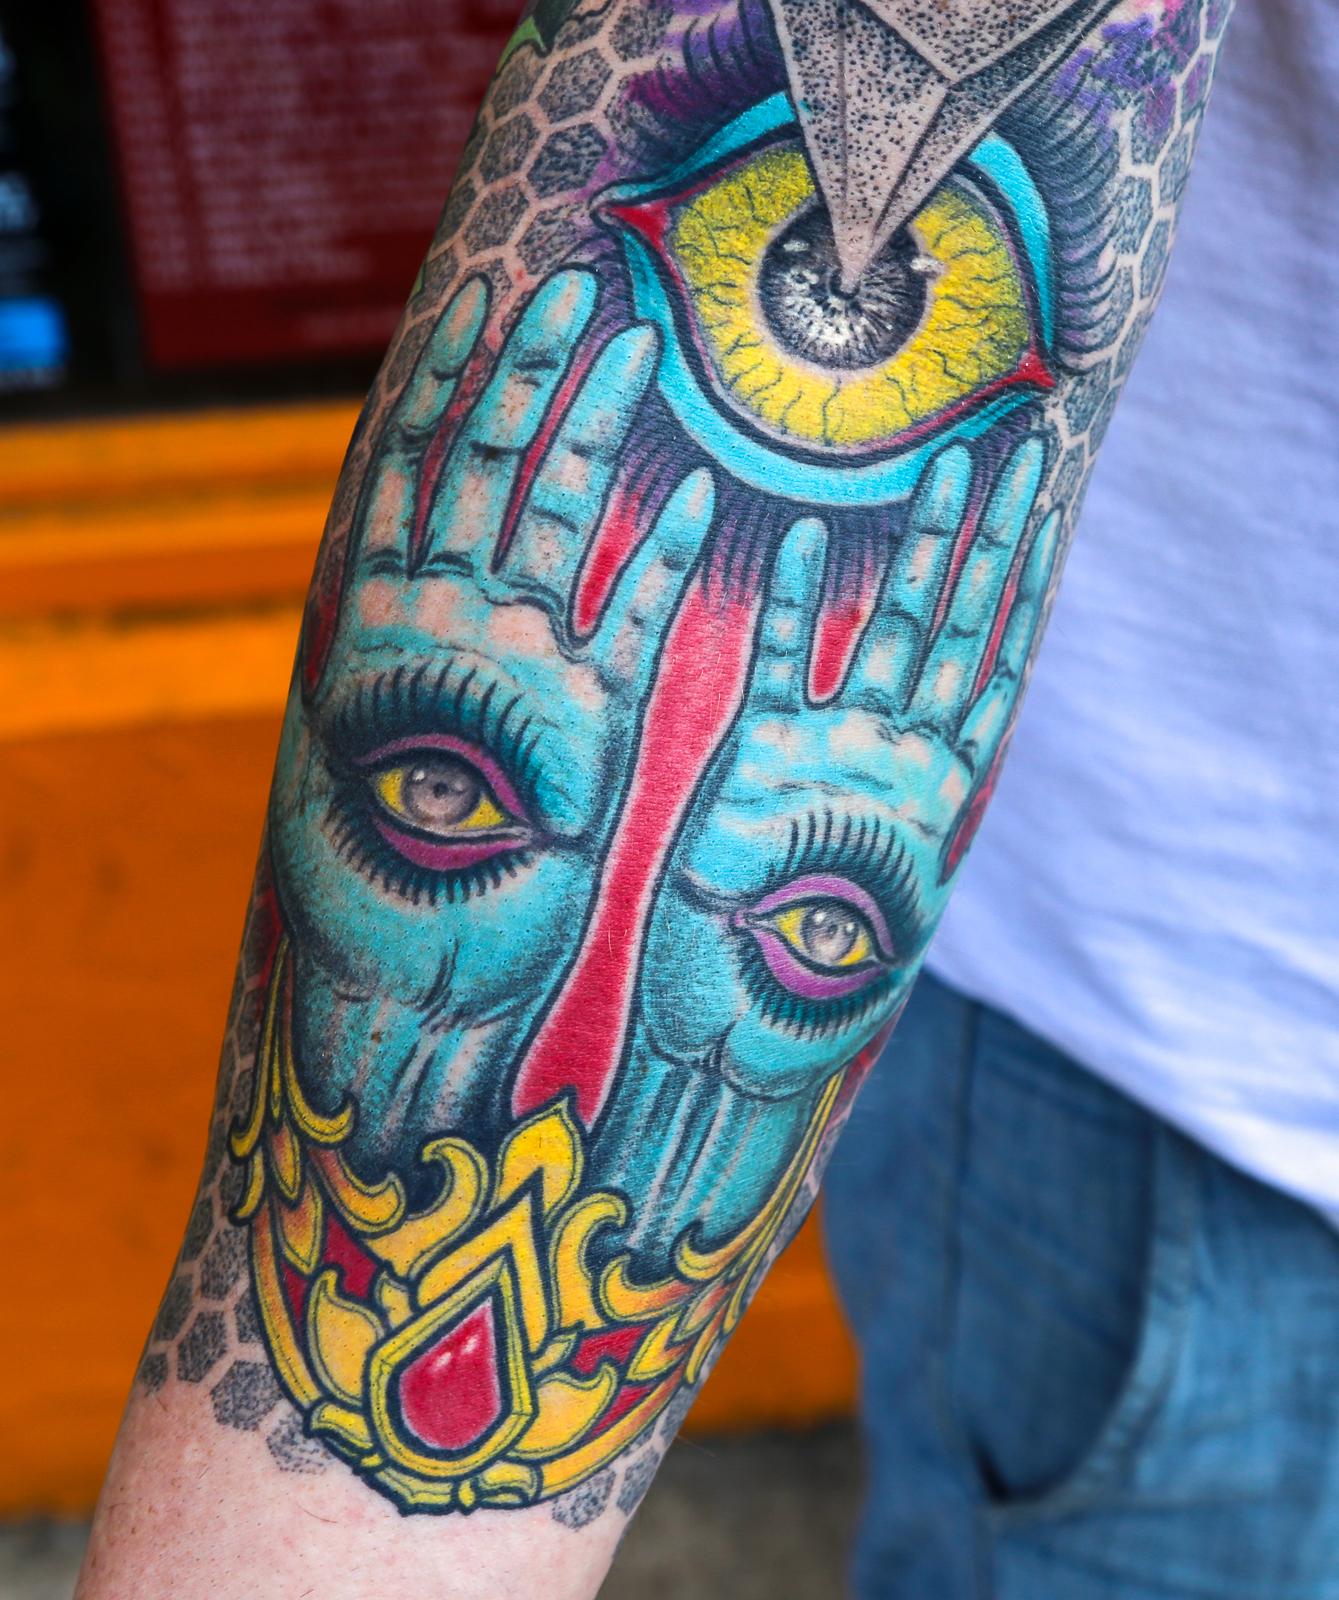 Highfives hurt 1 enrique bernal ejay tattoo.jpg